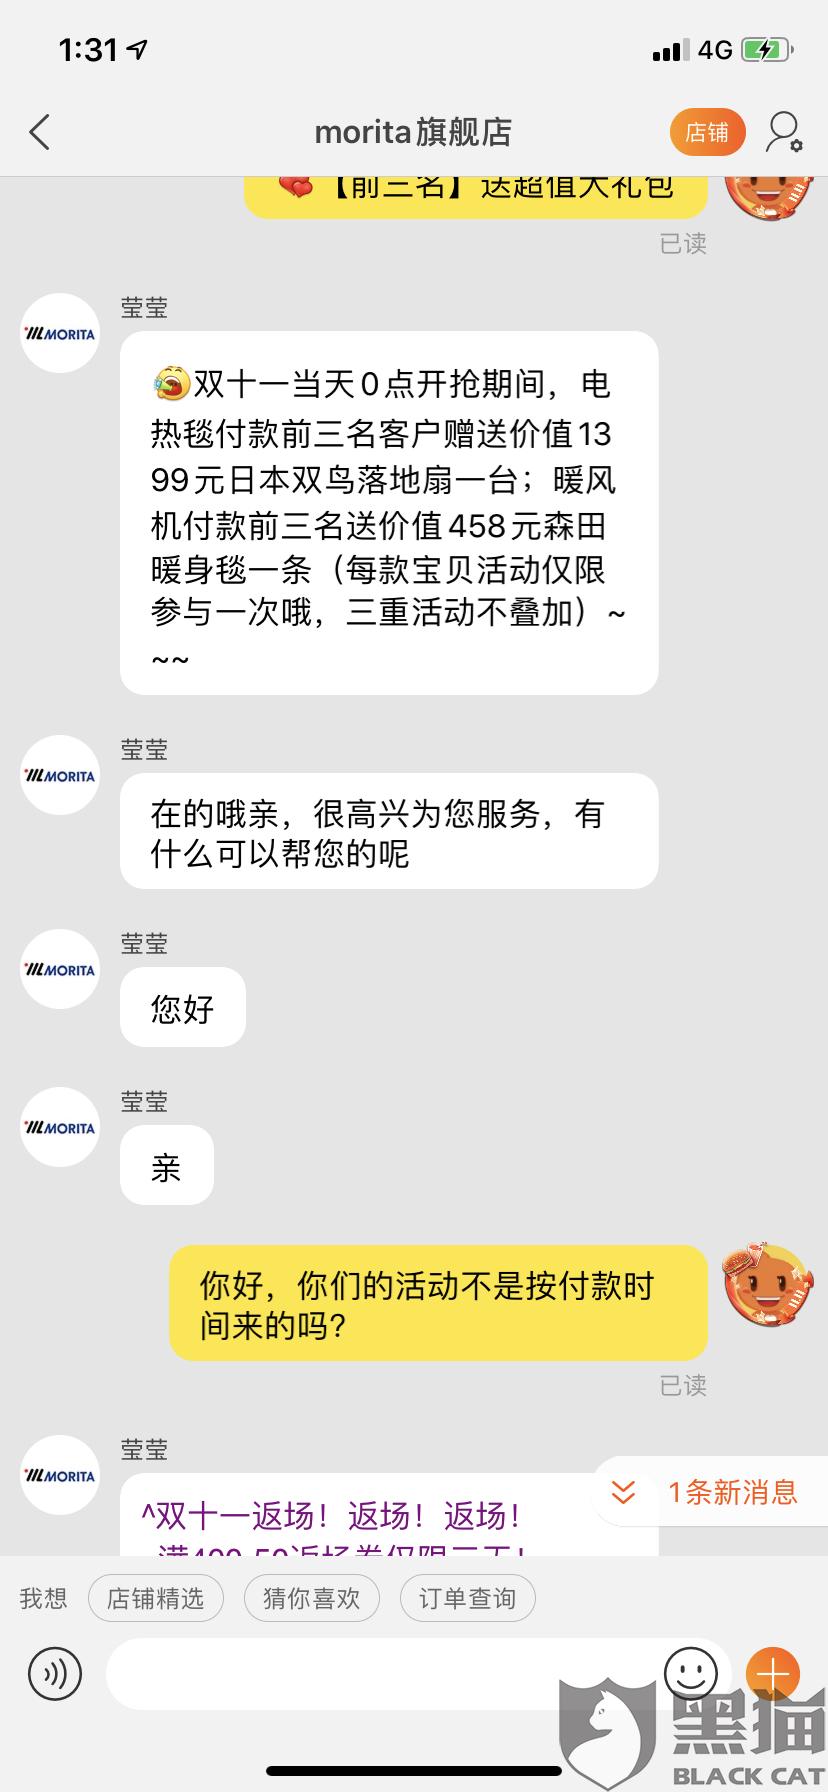 黑猫投诉:天猫平台morita旗舰店活动造假,虚假宣传忽悠消费者